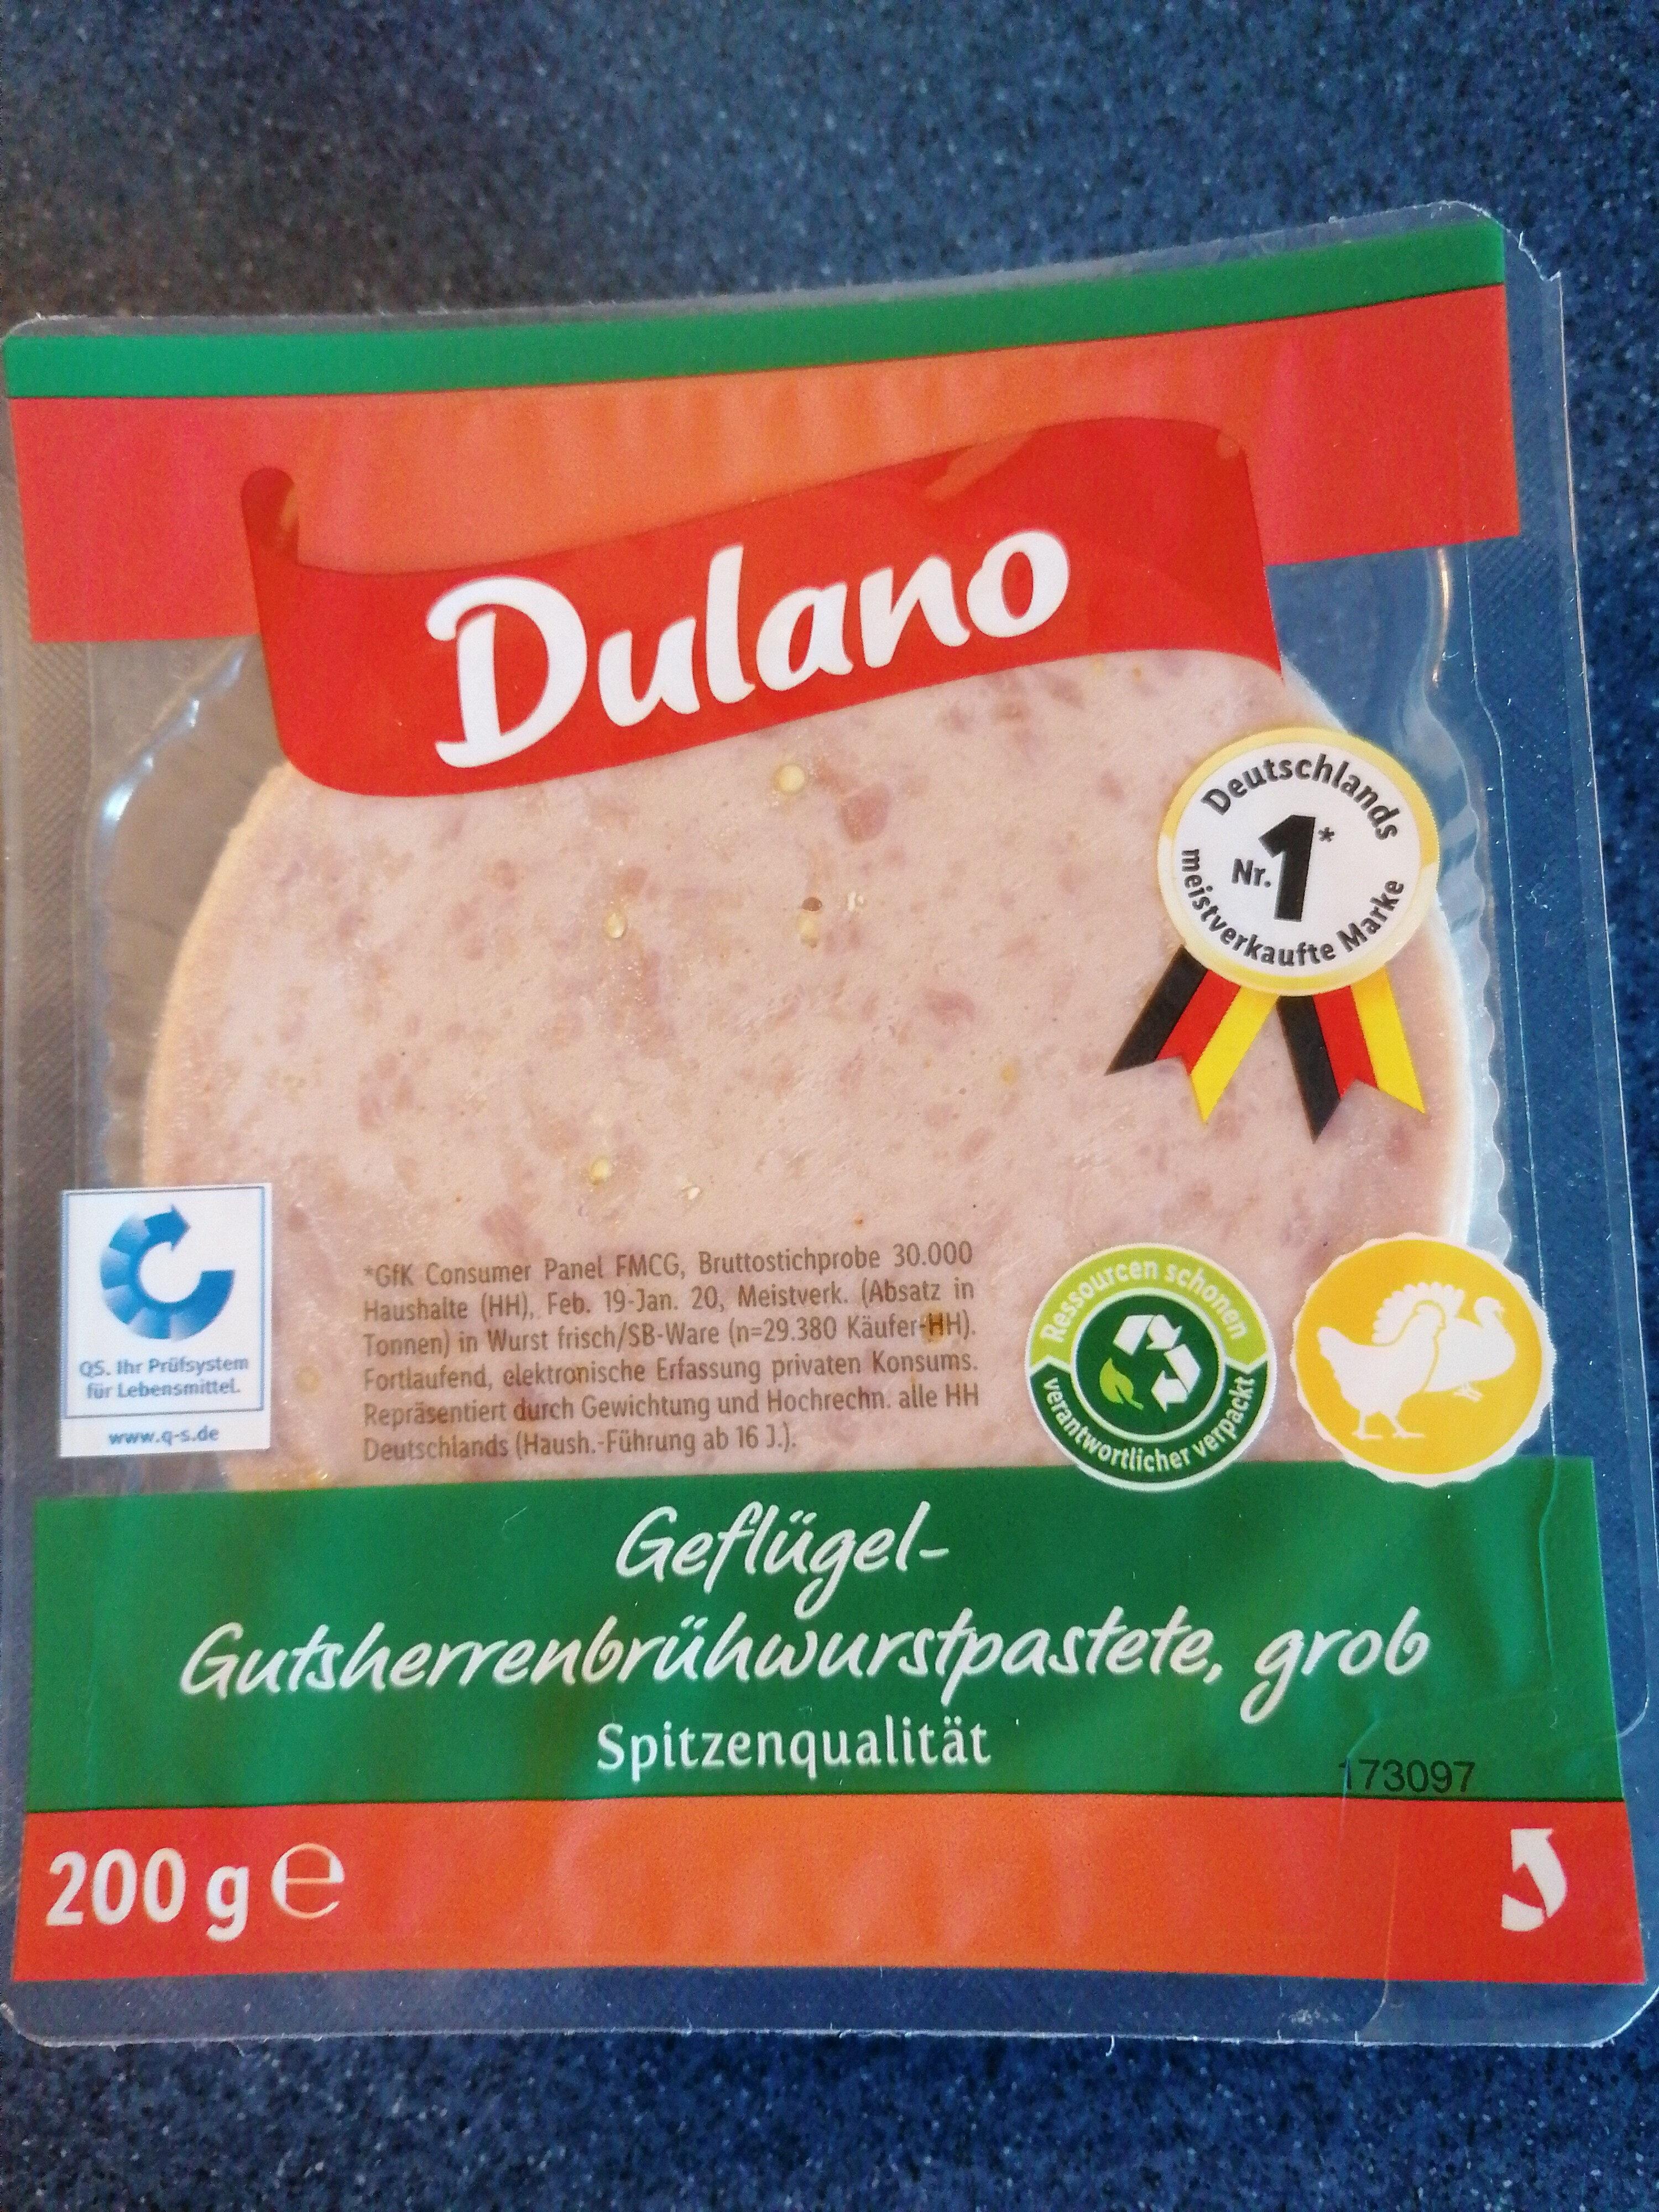 Geflügel-Gutsherrenbrühwurstpastete, grob - Produit - de